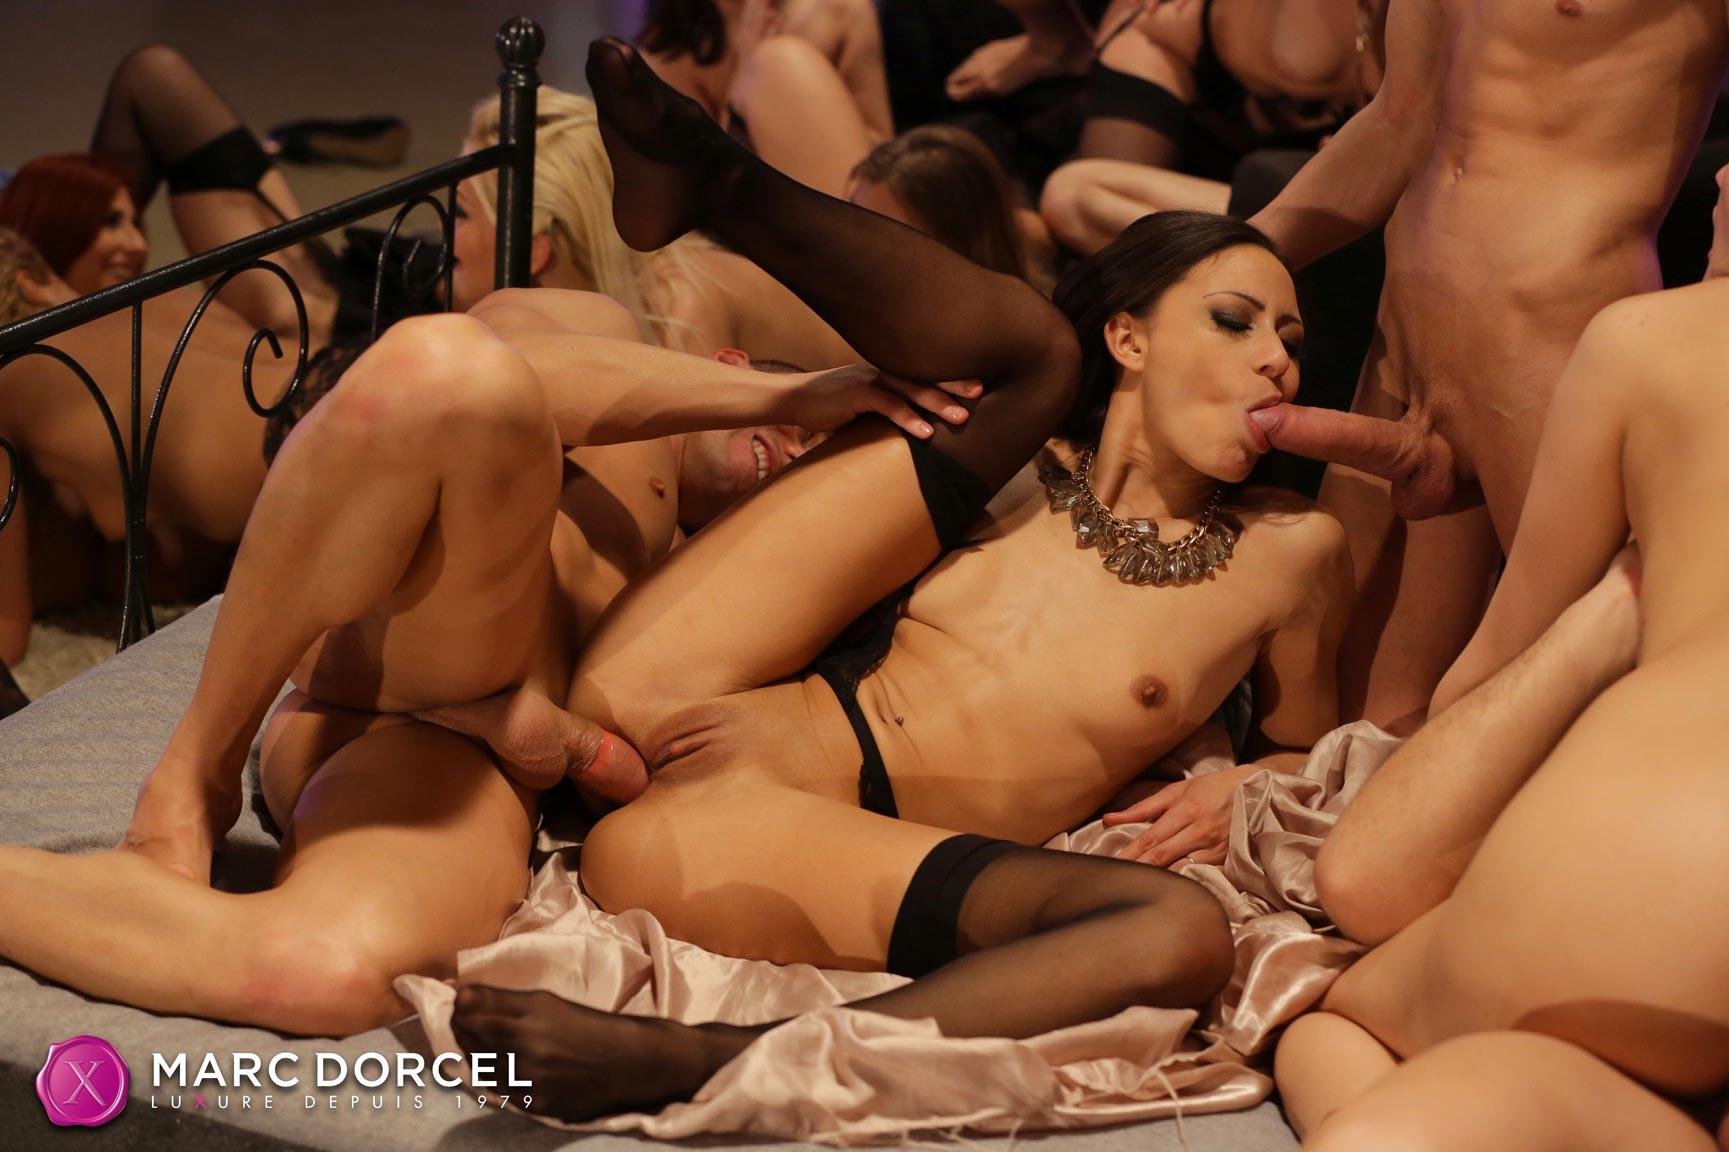 porn Die besten Erotikfilme aus Asien moviepilot.de consider